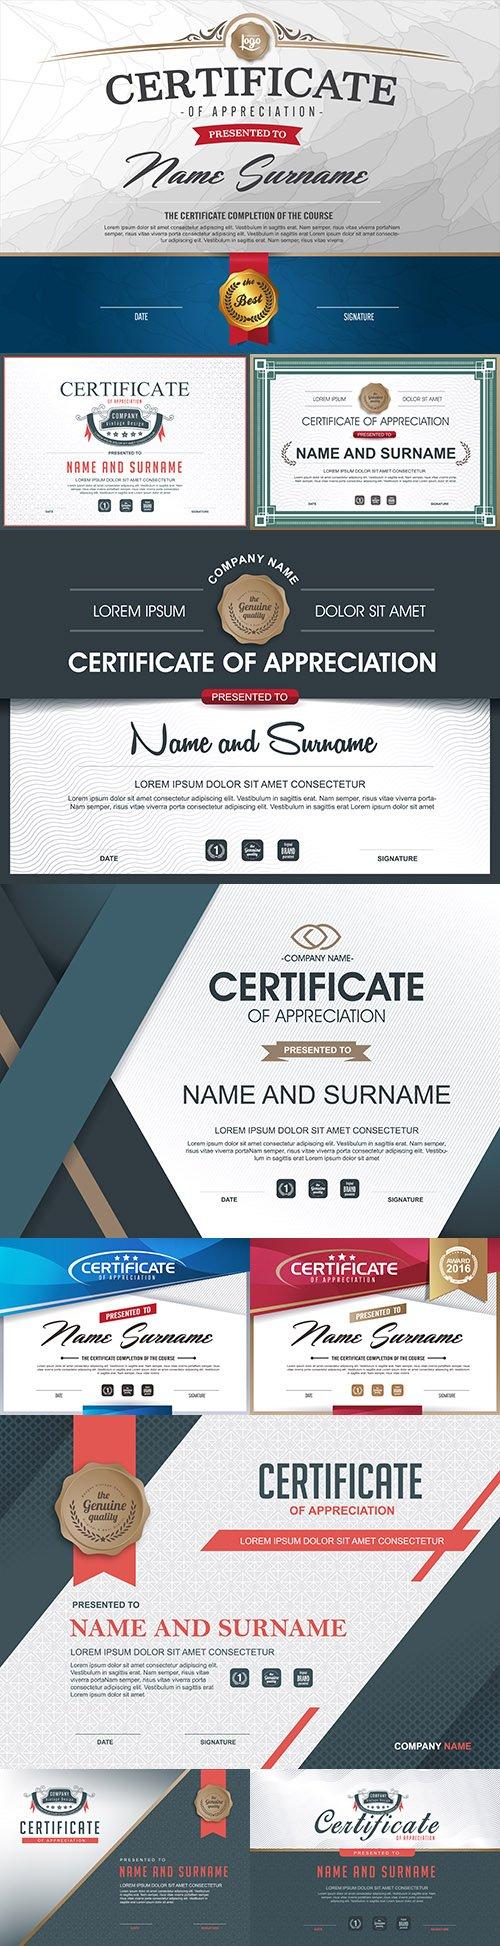 Luxury certificate of gratitude template award design